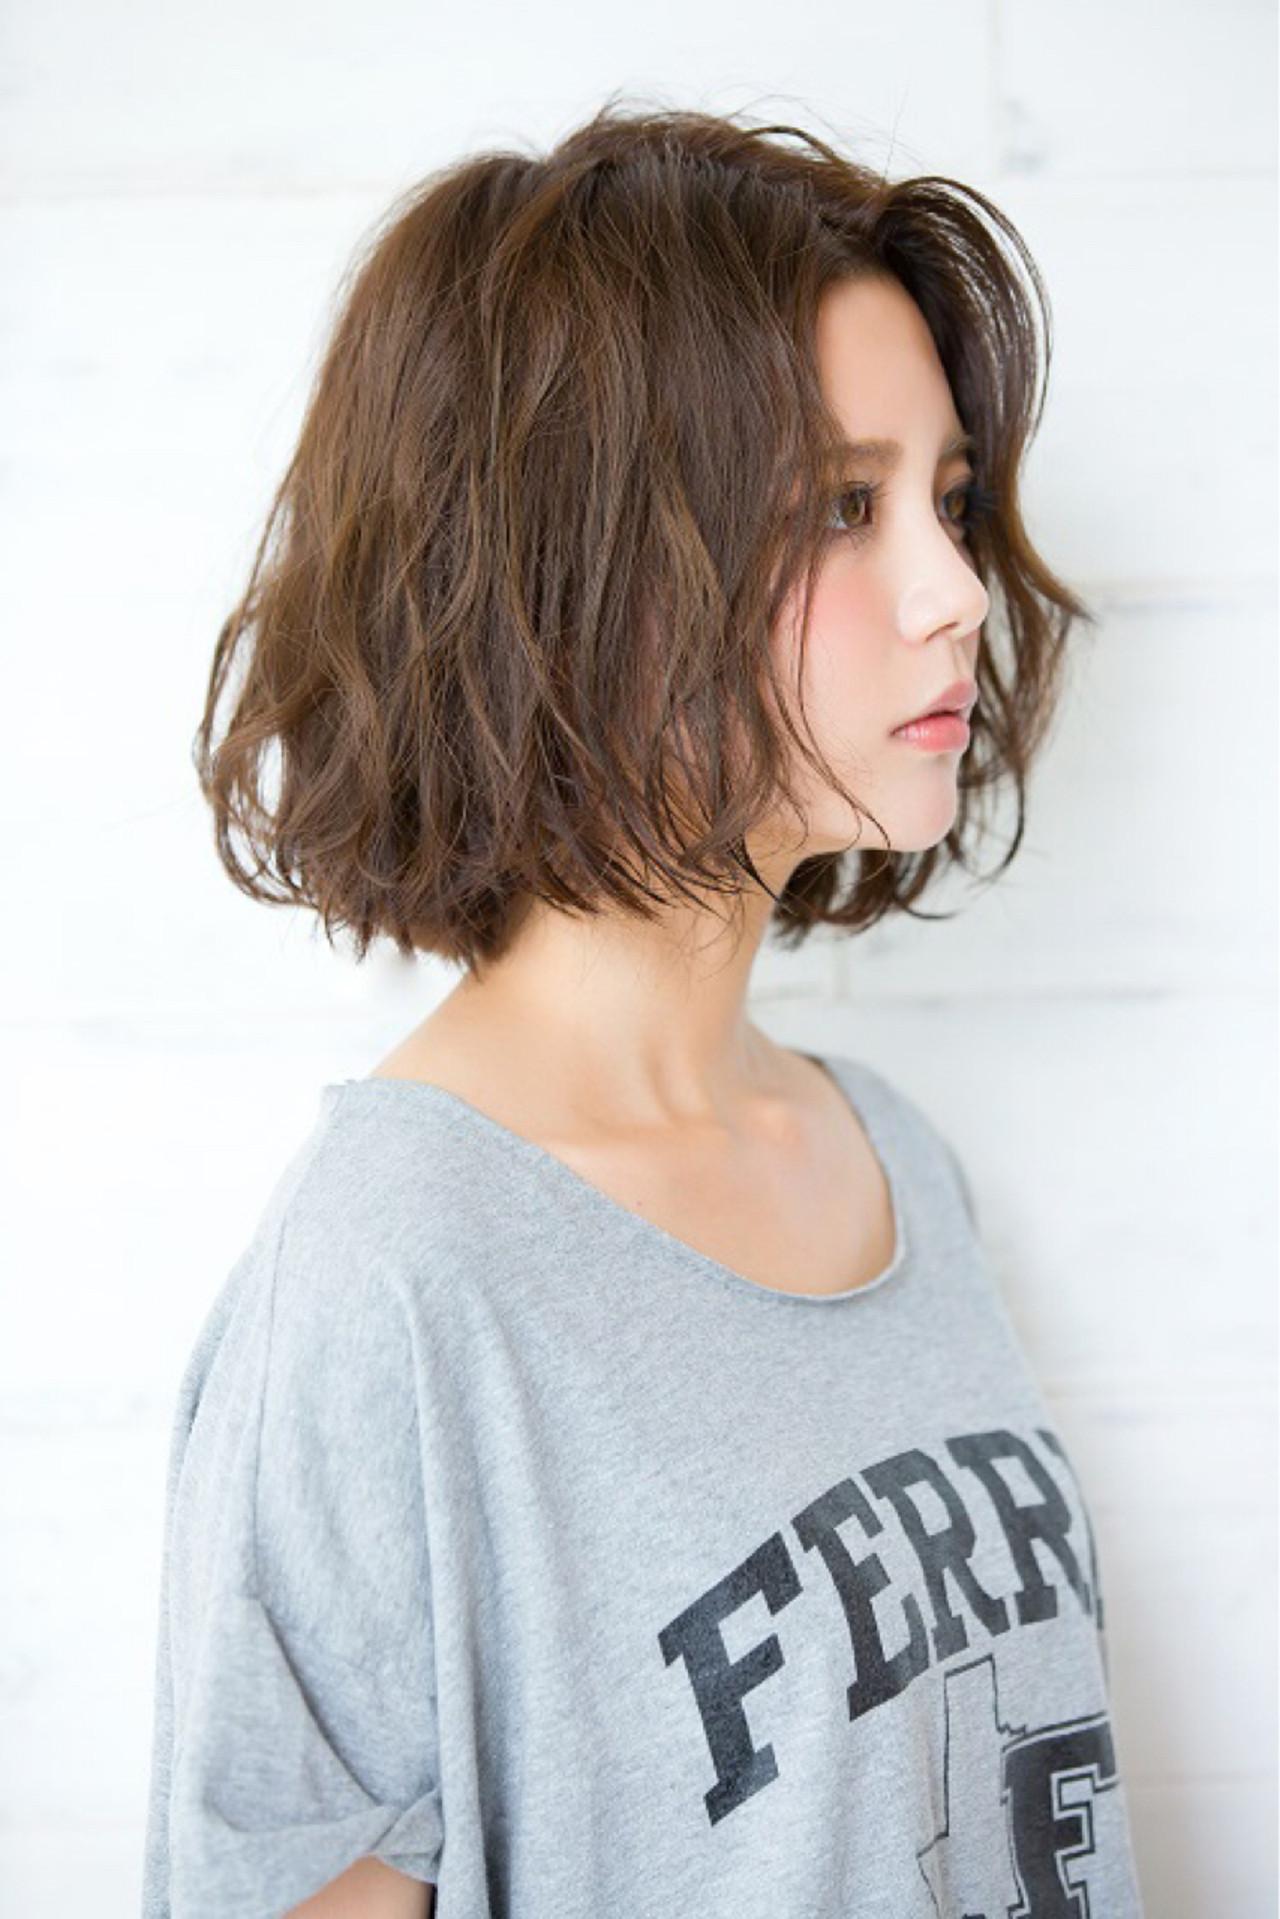 自然又鬆軟☆波浪卷髮造型 燙髮講師 真鳥康史/joemi 副店長